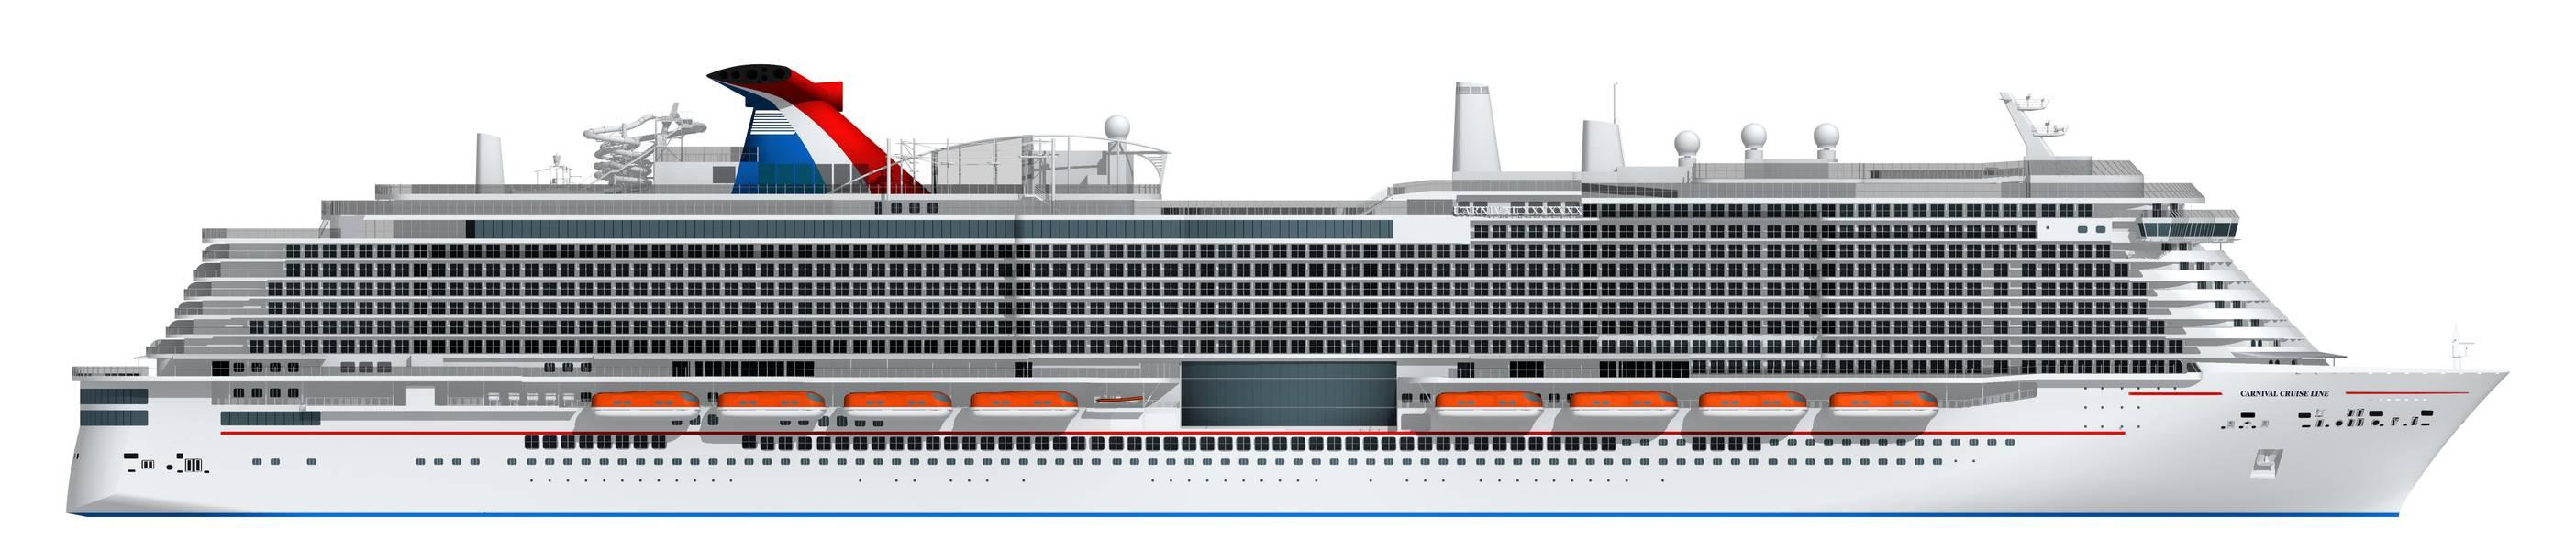 Representação artística do novo navio de 180.000 toneladas da Carnival a ser alimentado por GNL (Imagem: Carnival Cruise Line)